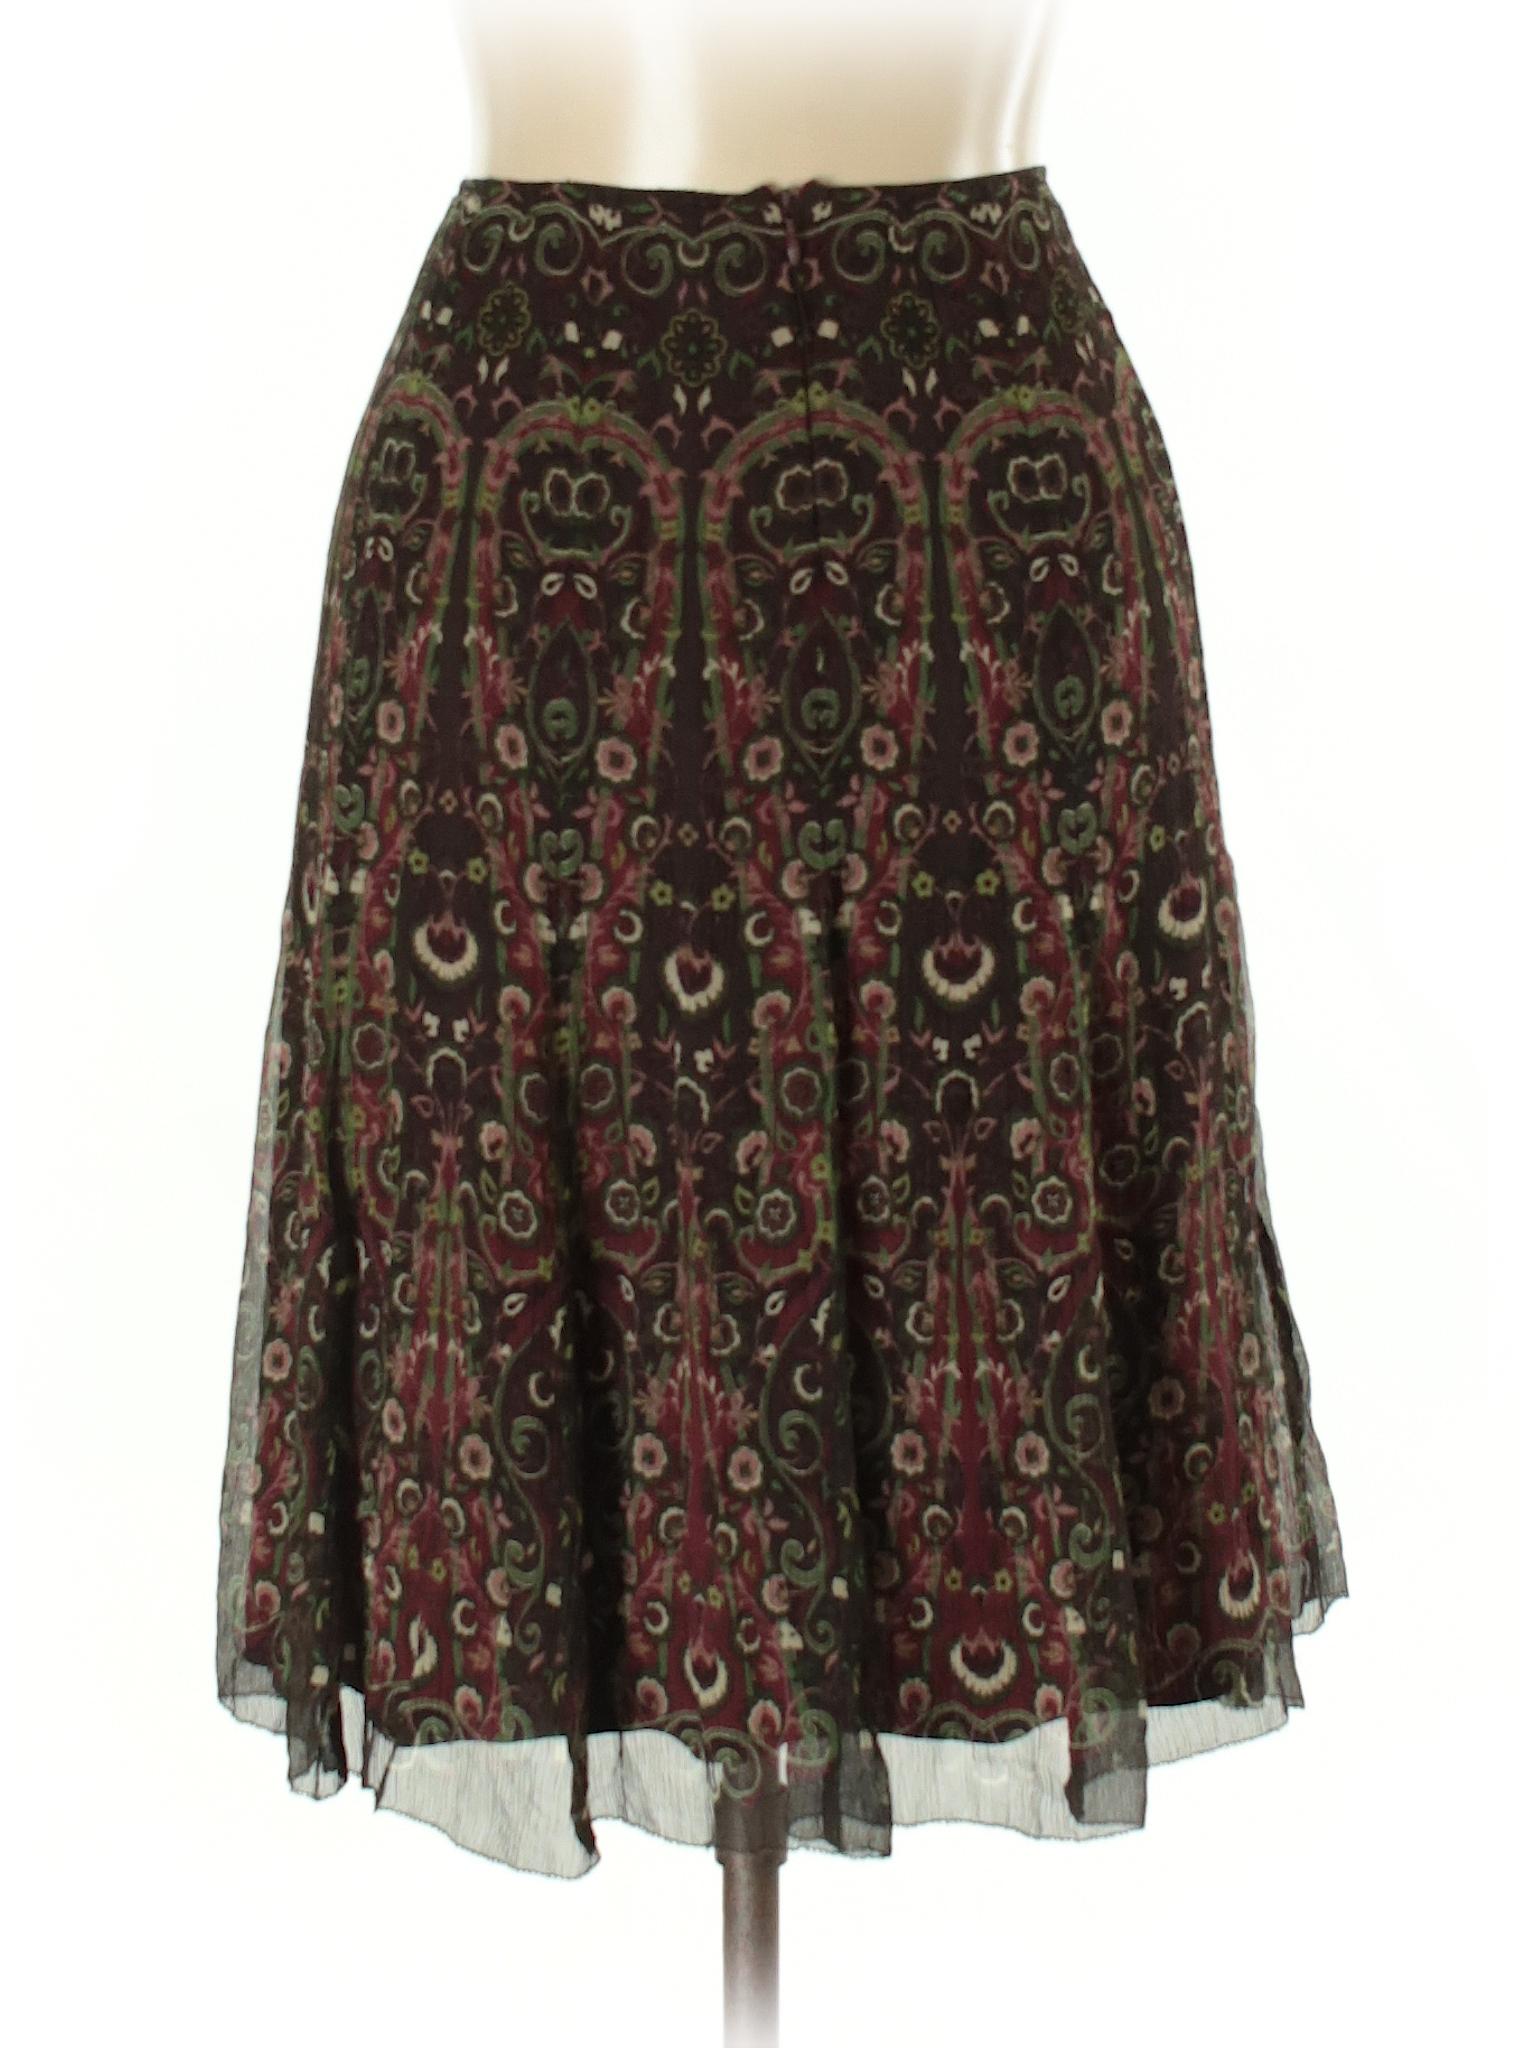 Boutique Casual Skirt Casual Skirt Skirt Boutique Casual Boutique xrpqrwvY